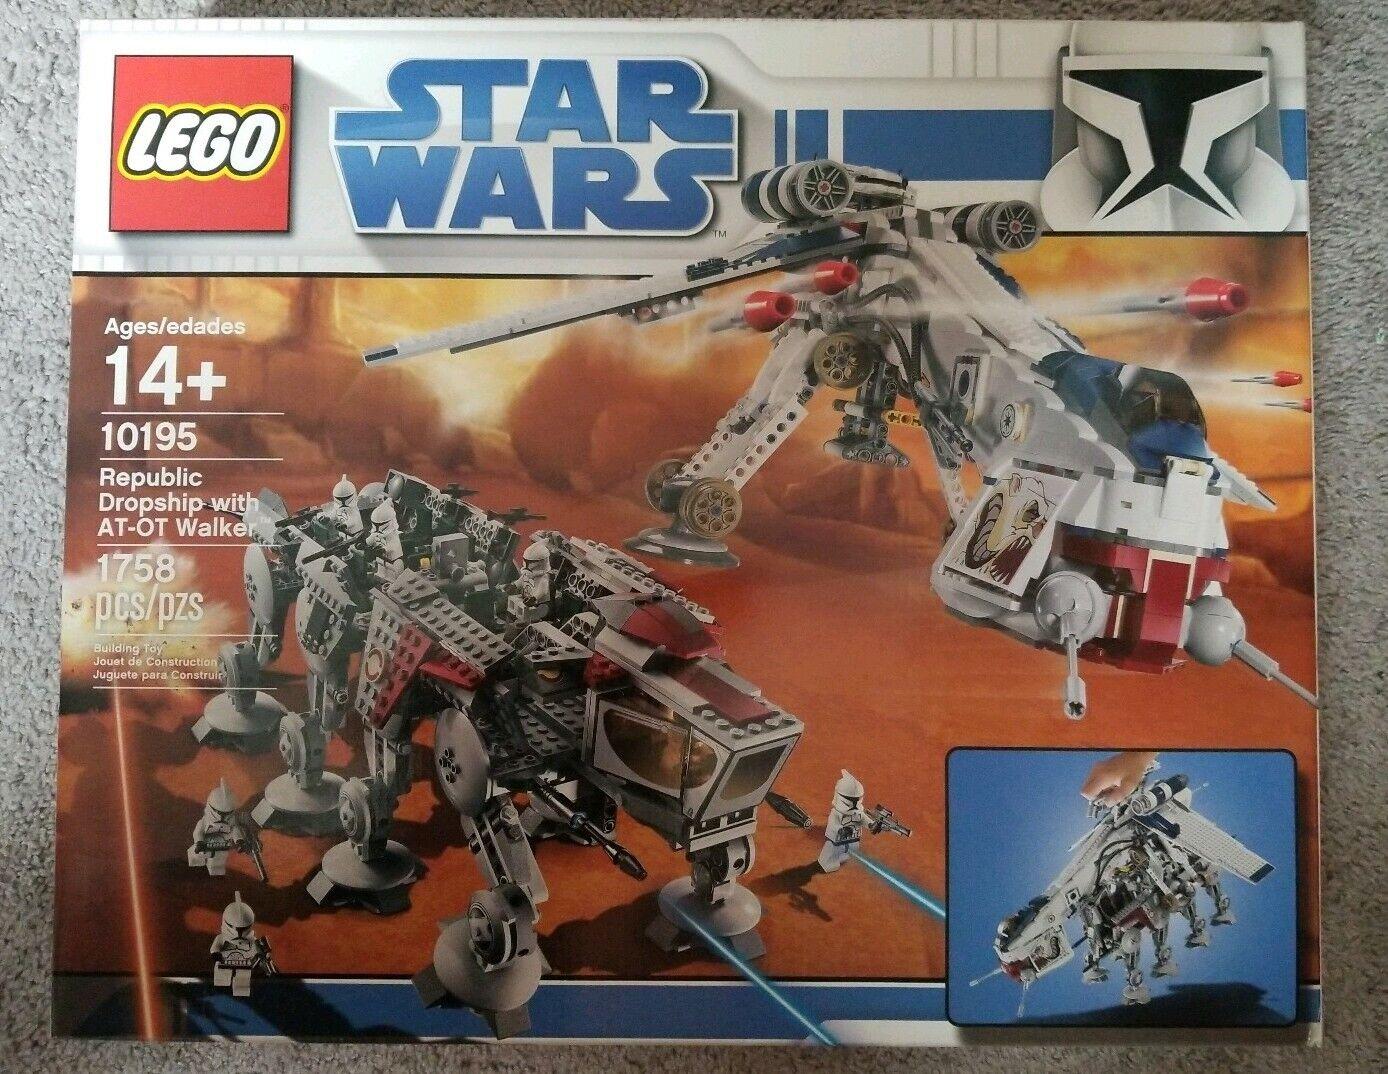 LEGO estrella guerras UCS Republic Dropship with AT-OT  Walker 10195  design semplice e generoso